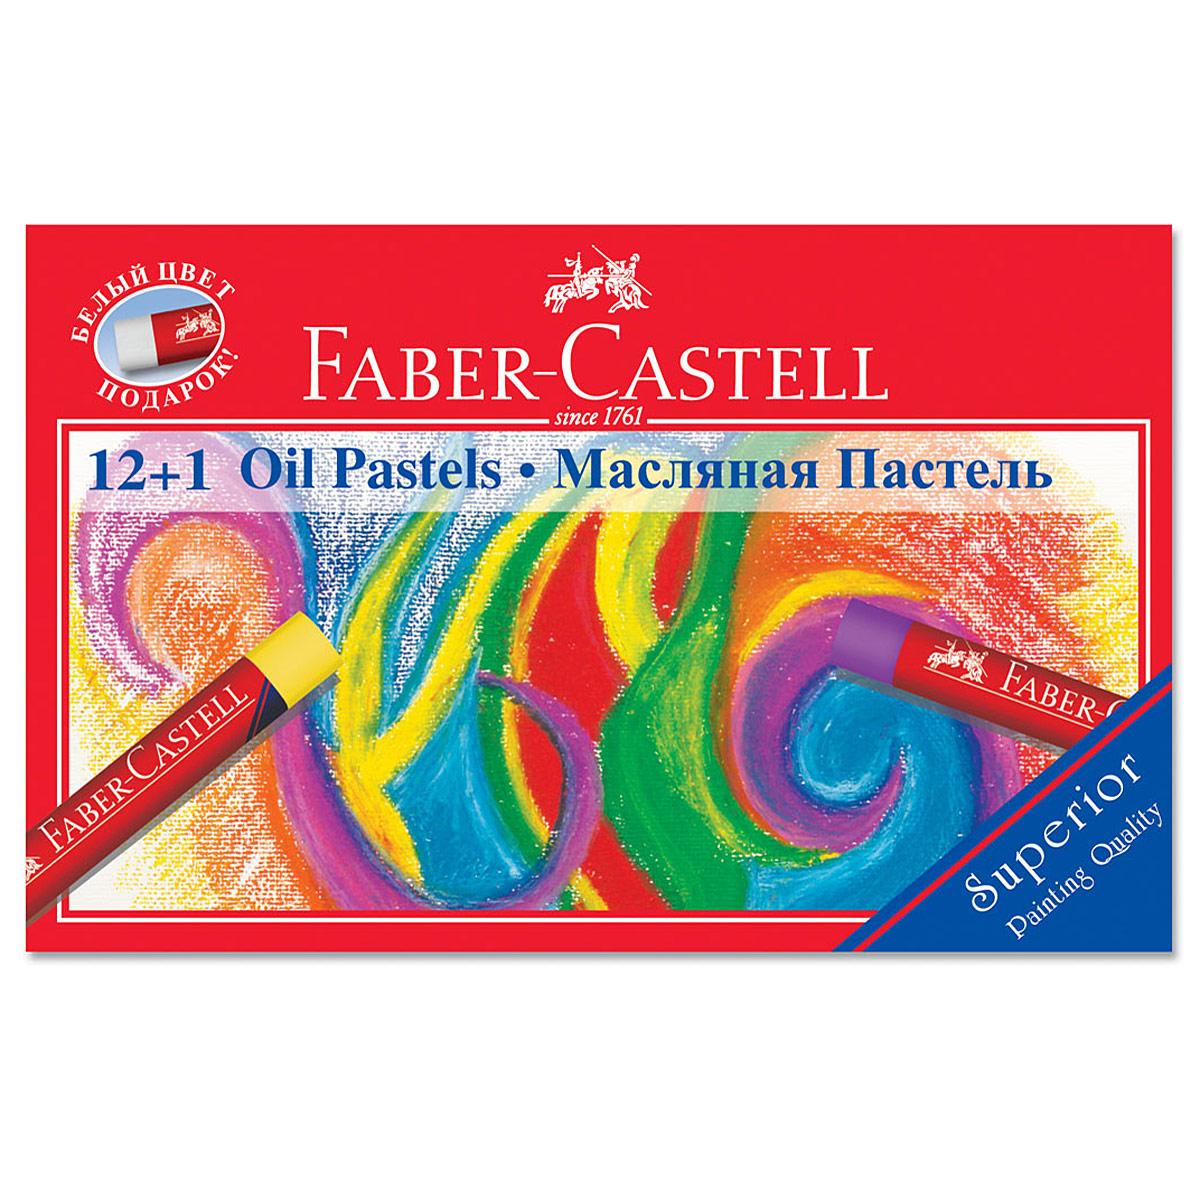 Масляная пастель Faber-Castell, 13 цветовC13S041944Масляная пастель Faber-Castell включает в себя 13 мелков насыщенных цветов - белого, телесного, желтого, оранжевого, красного, темно-красного, розового, фиолетового, синего, зеленого, темно-зеленого, коричневого и черного.Пастель отличается высоким качеством и впечатляюще яркими цветами. Она обеспечит комфортное и мягкое рисования. Благодаря однородной консистенции пастель не крошится. Превосходно ложится на бумагу, картон, дерево и камень, устойчива к температуре. Цвета можно смешивать для получения новых оттенков.Масляная пастель Faber-Castell, безопасная для малыша, позволит вашему маленькому художнику раскрыть свой талант. Подарите своему ребенку радость творчества!